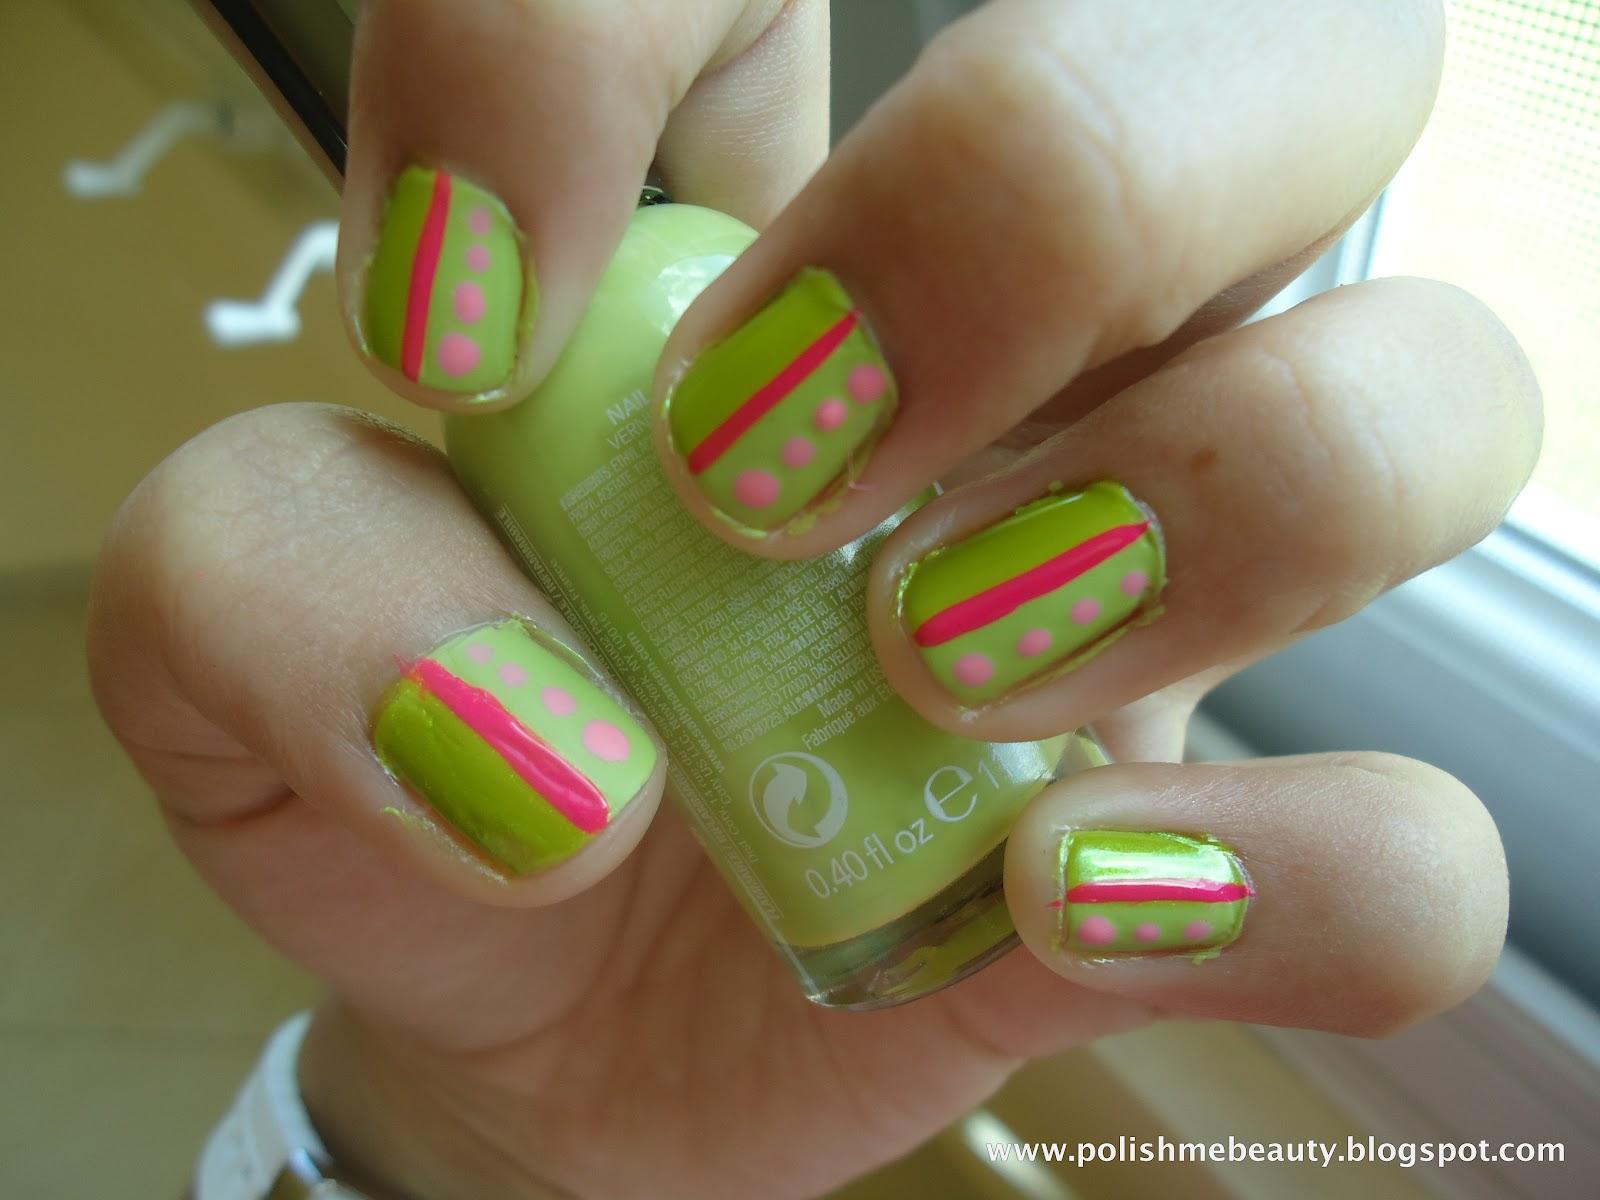 Polish Me Beautiful: June 2012